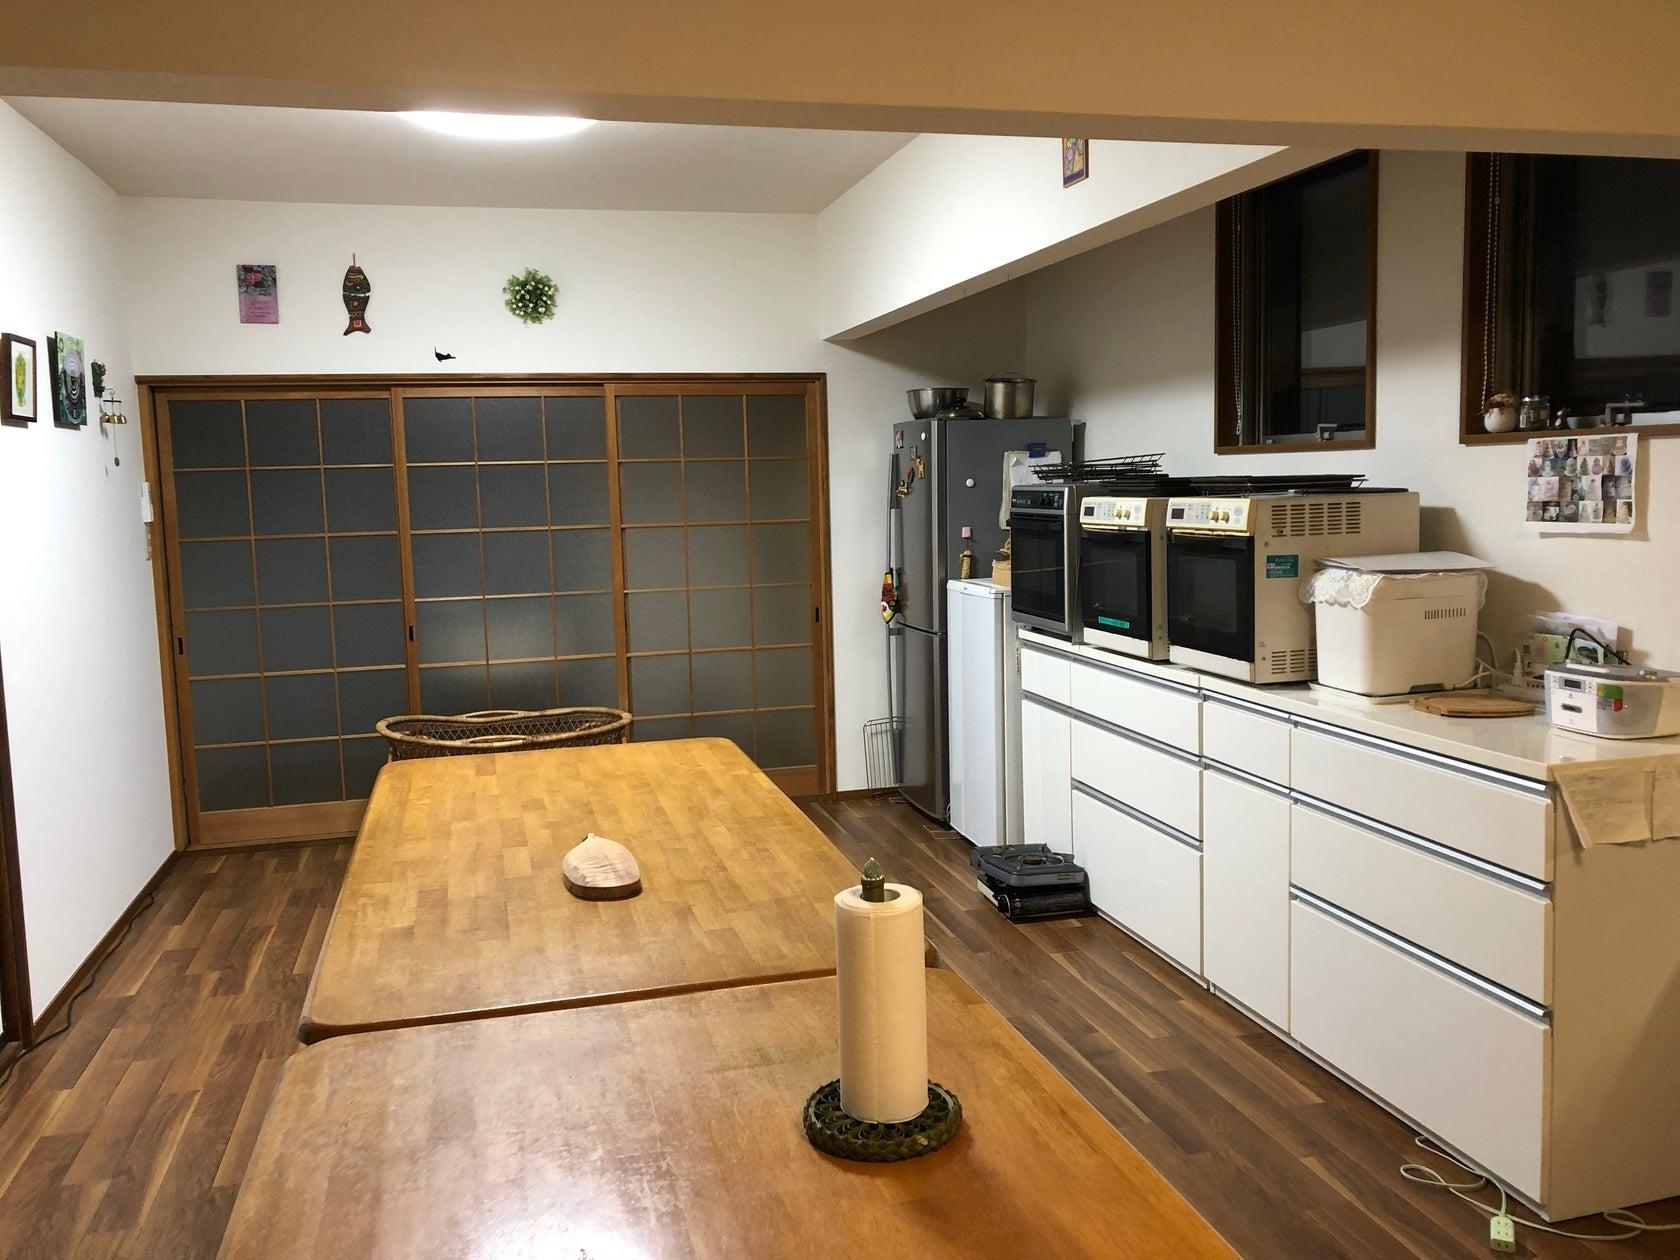 広々キッチン付きでお料理とおしゃべりを楽しもう!(プチフールお菓子&パン教室&レンタルスペース駒ちゃん) の写真0